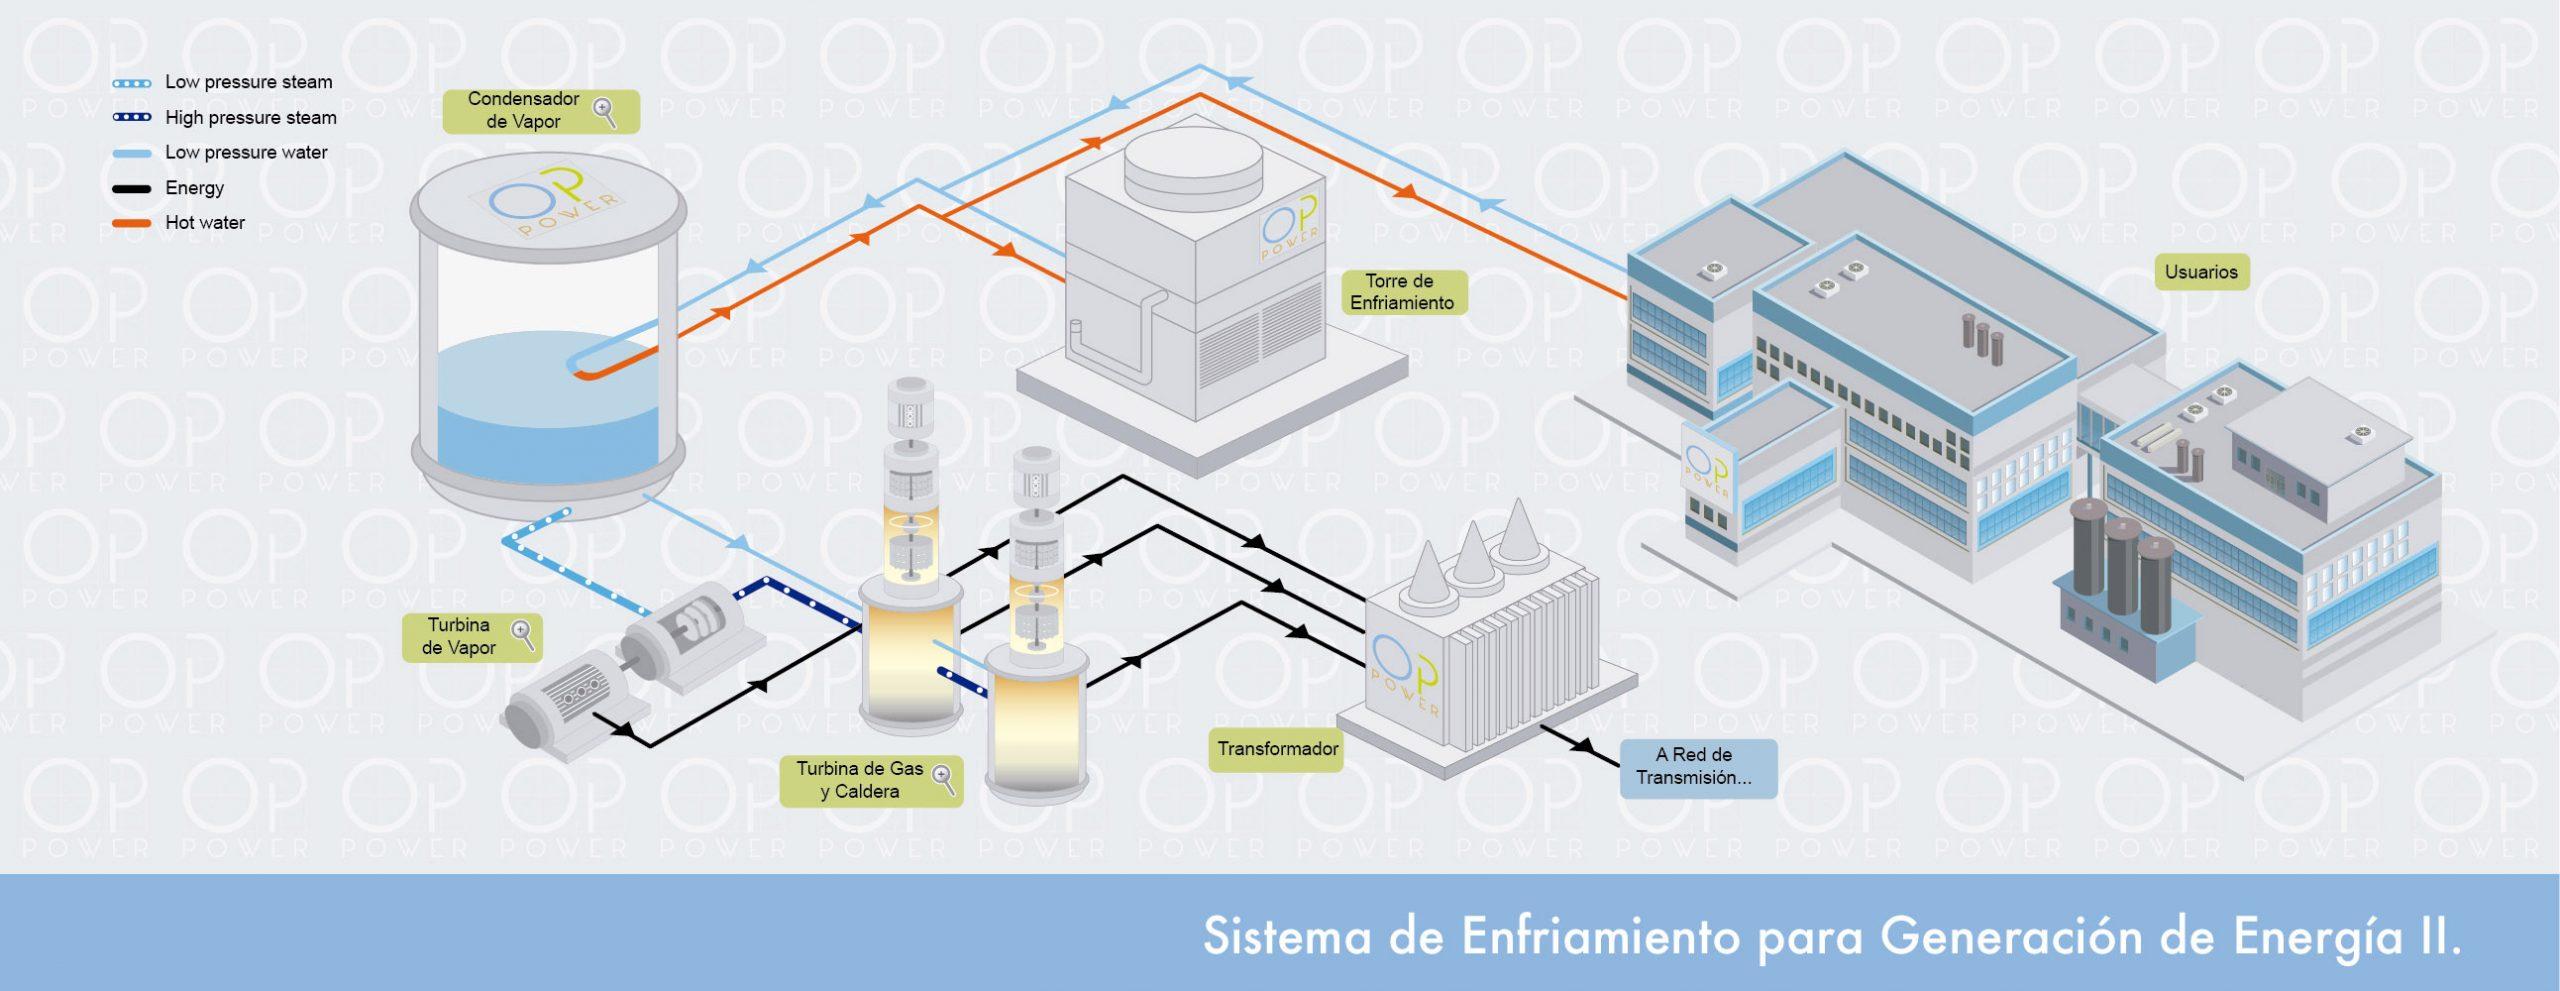 sistema_de_enfriamiento_para_generacion_de_energia_II_slider